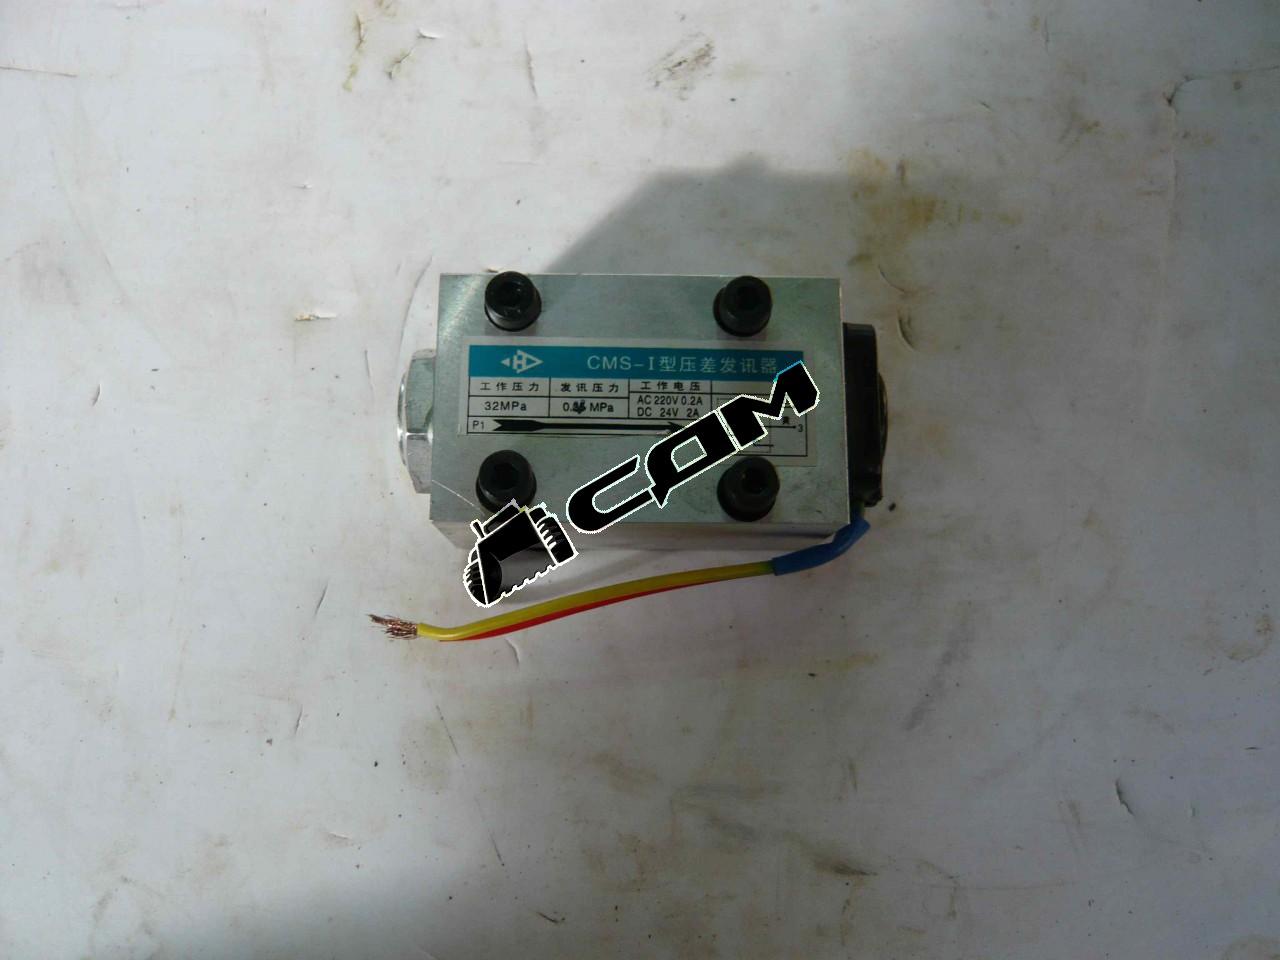 Датчик давления масла в ГМП CDM855,856 CMS-I CMS-1